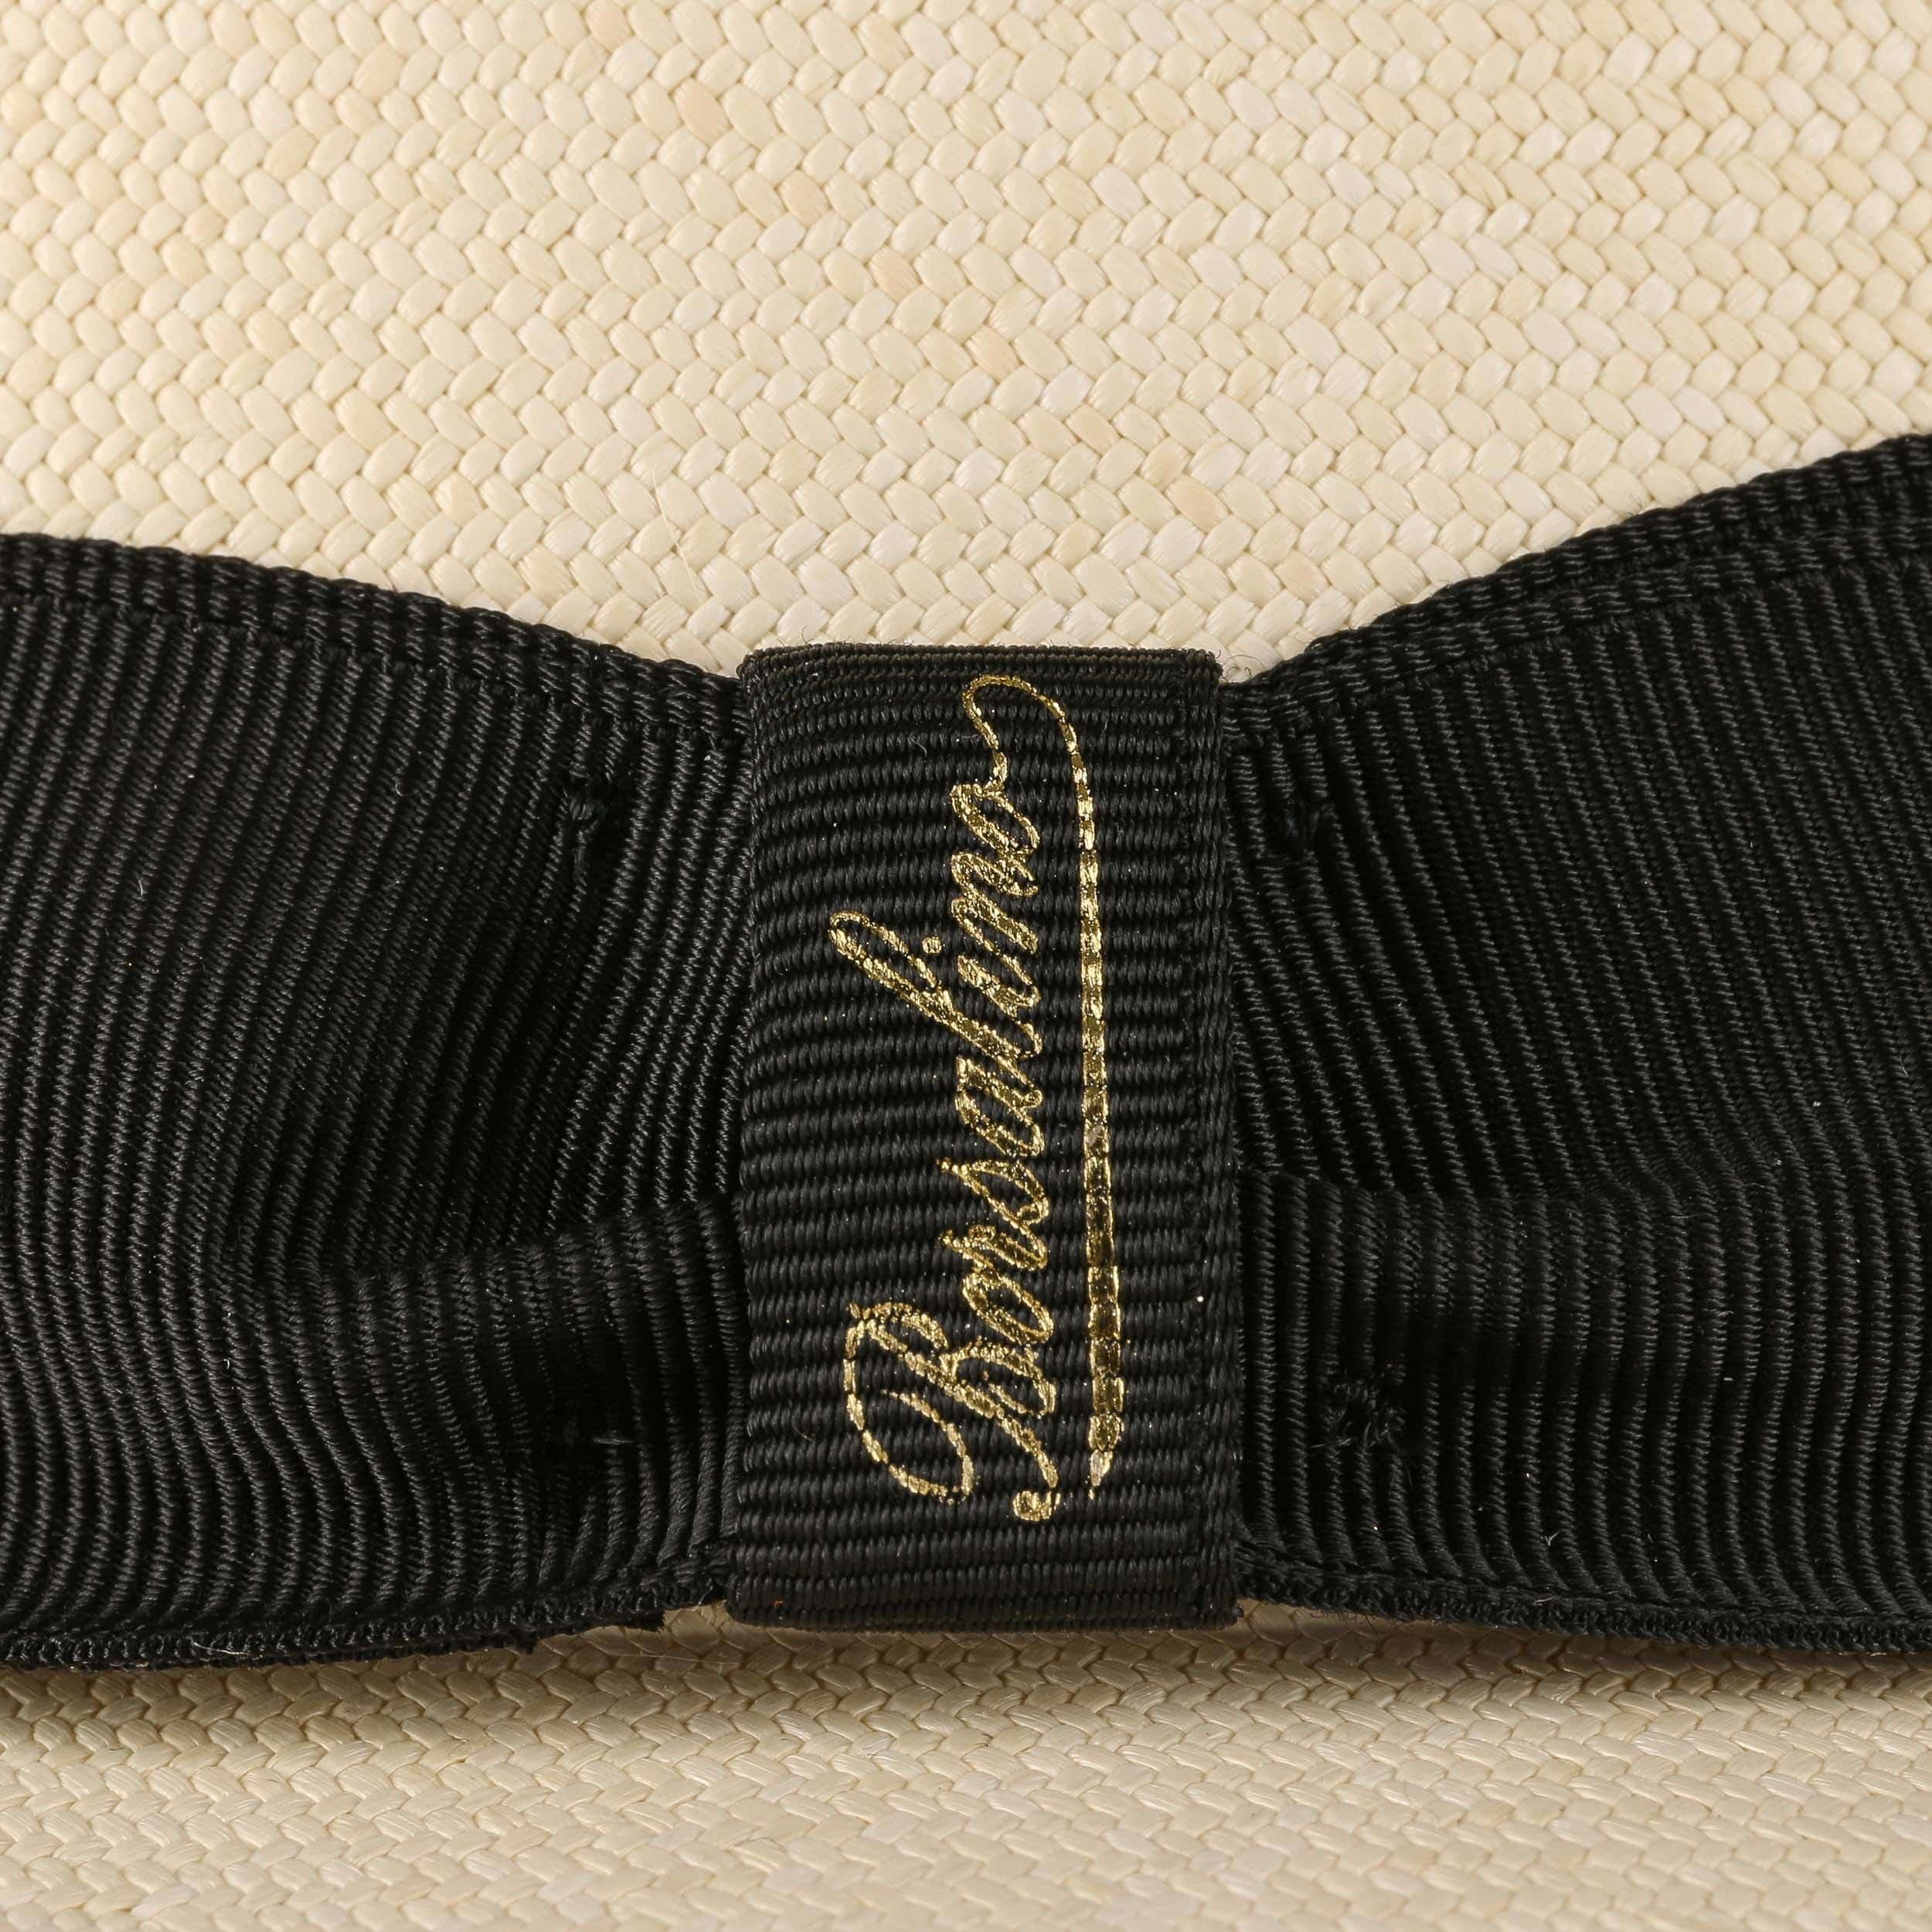 Borsalino Prestige Cappello Panama Bogart 1499 00 989e9833f9ca